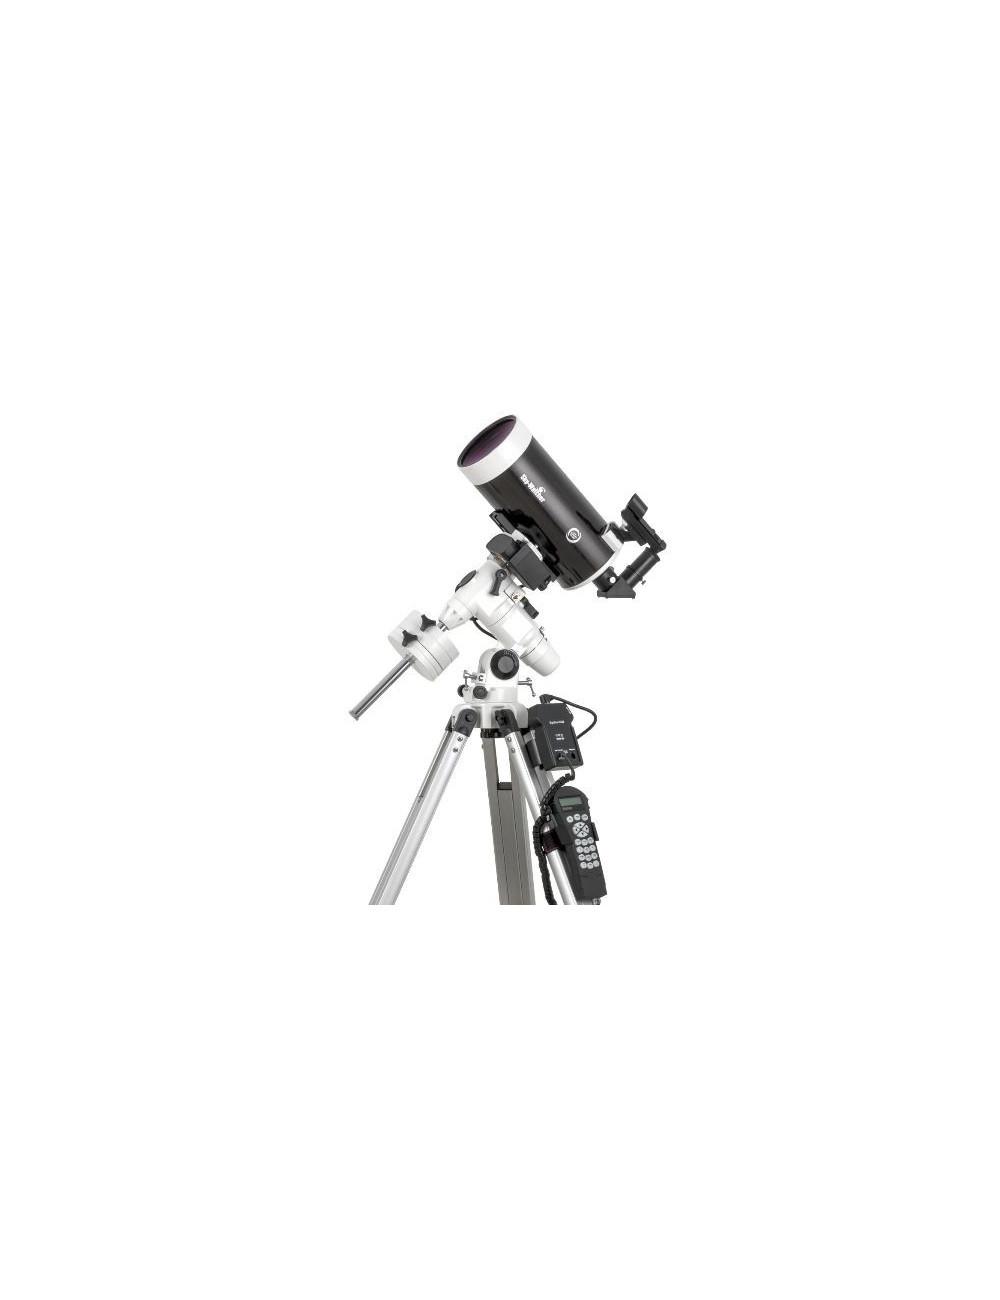 Télescope Sky-Watcher Mak 127/1500 sur EQ3-2 Go-To